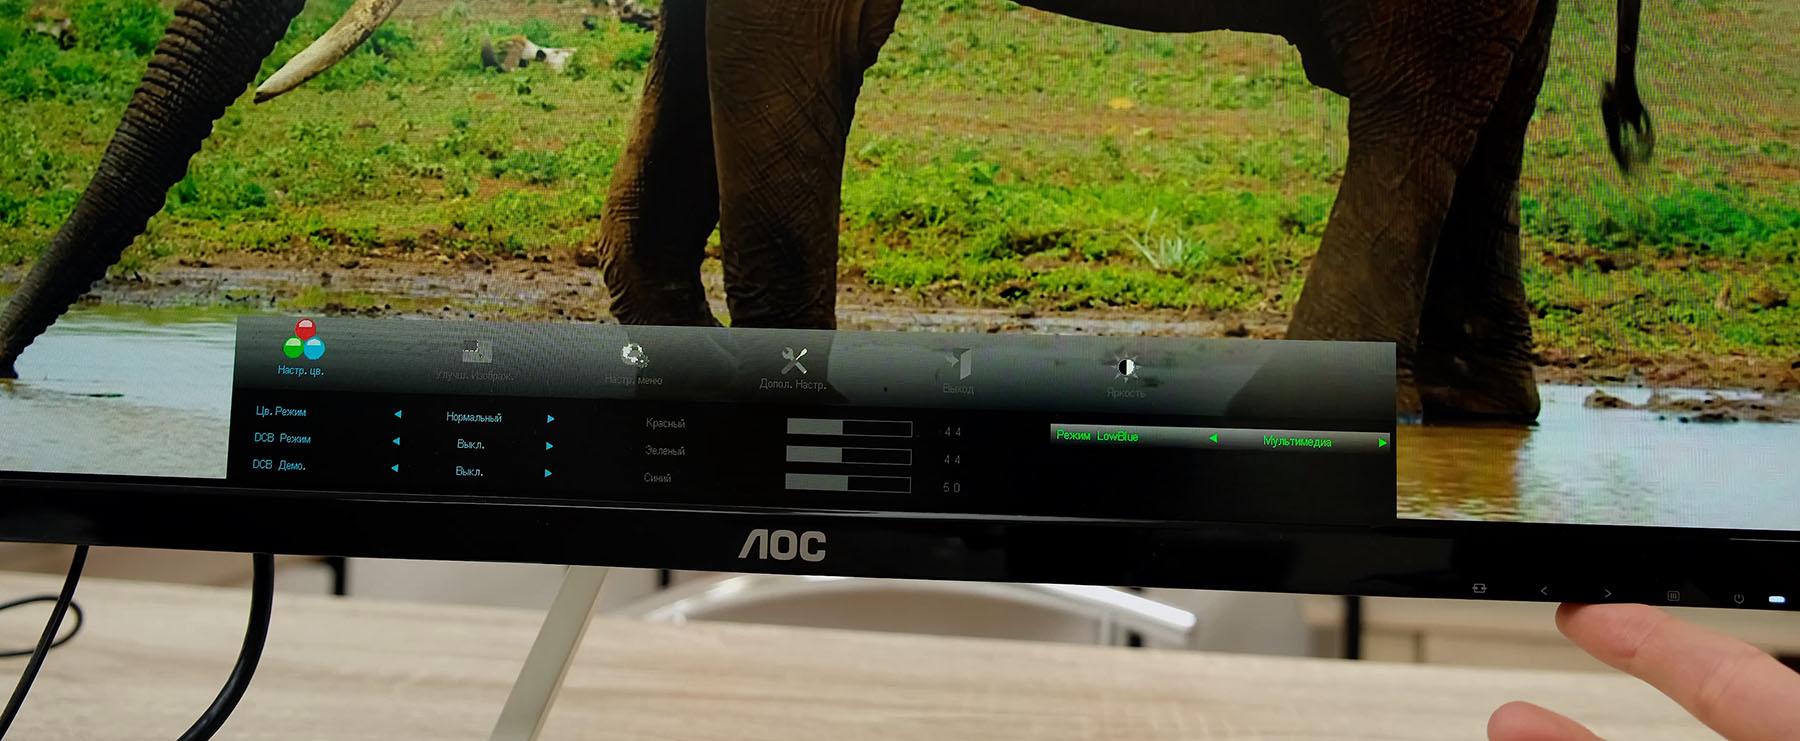 Обзор AOC Q27T1: сбалансированный IPS-монитор с эффектным дизайном